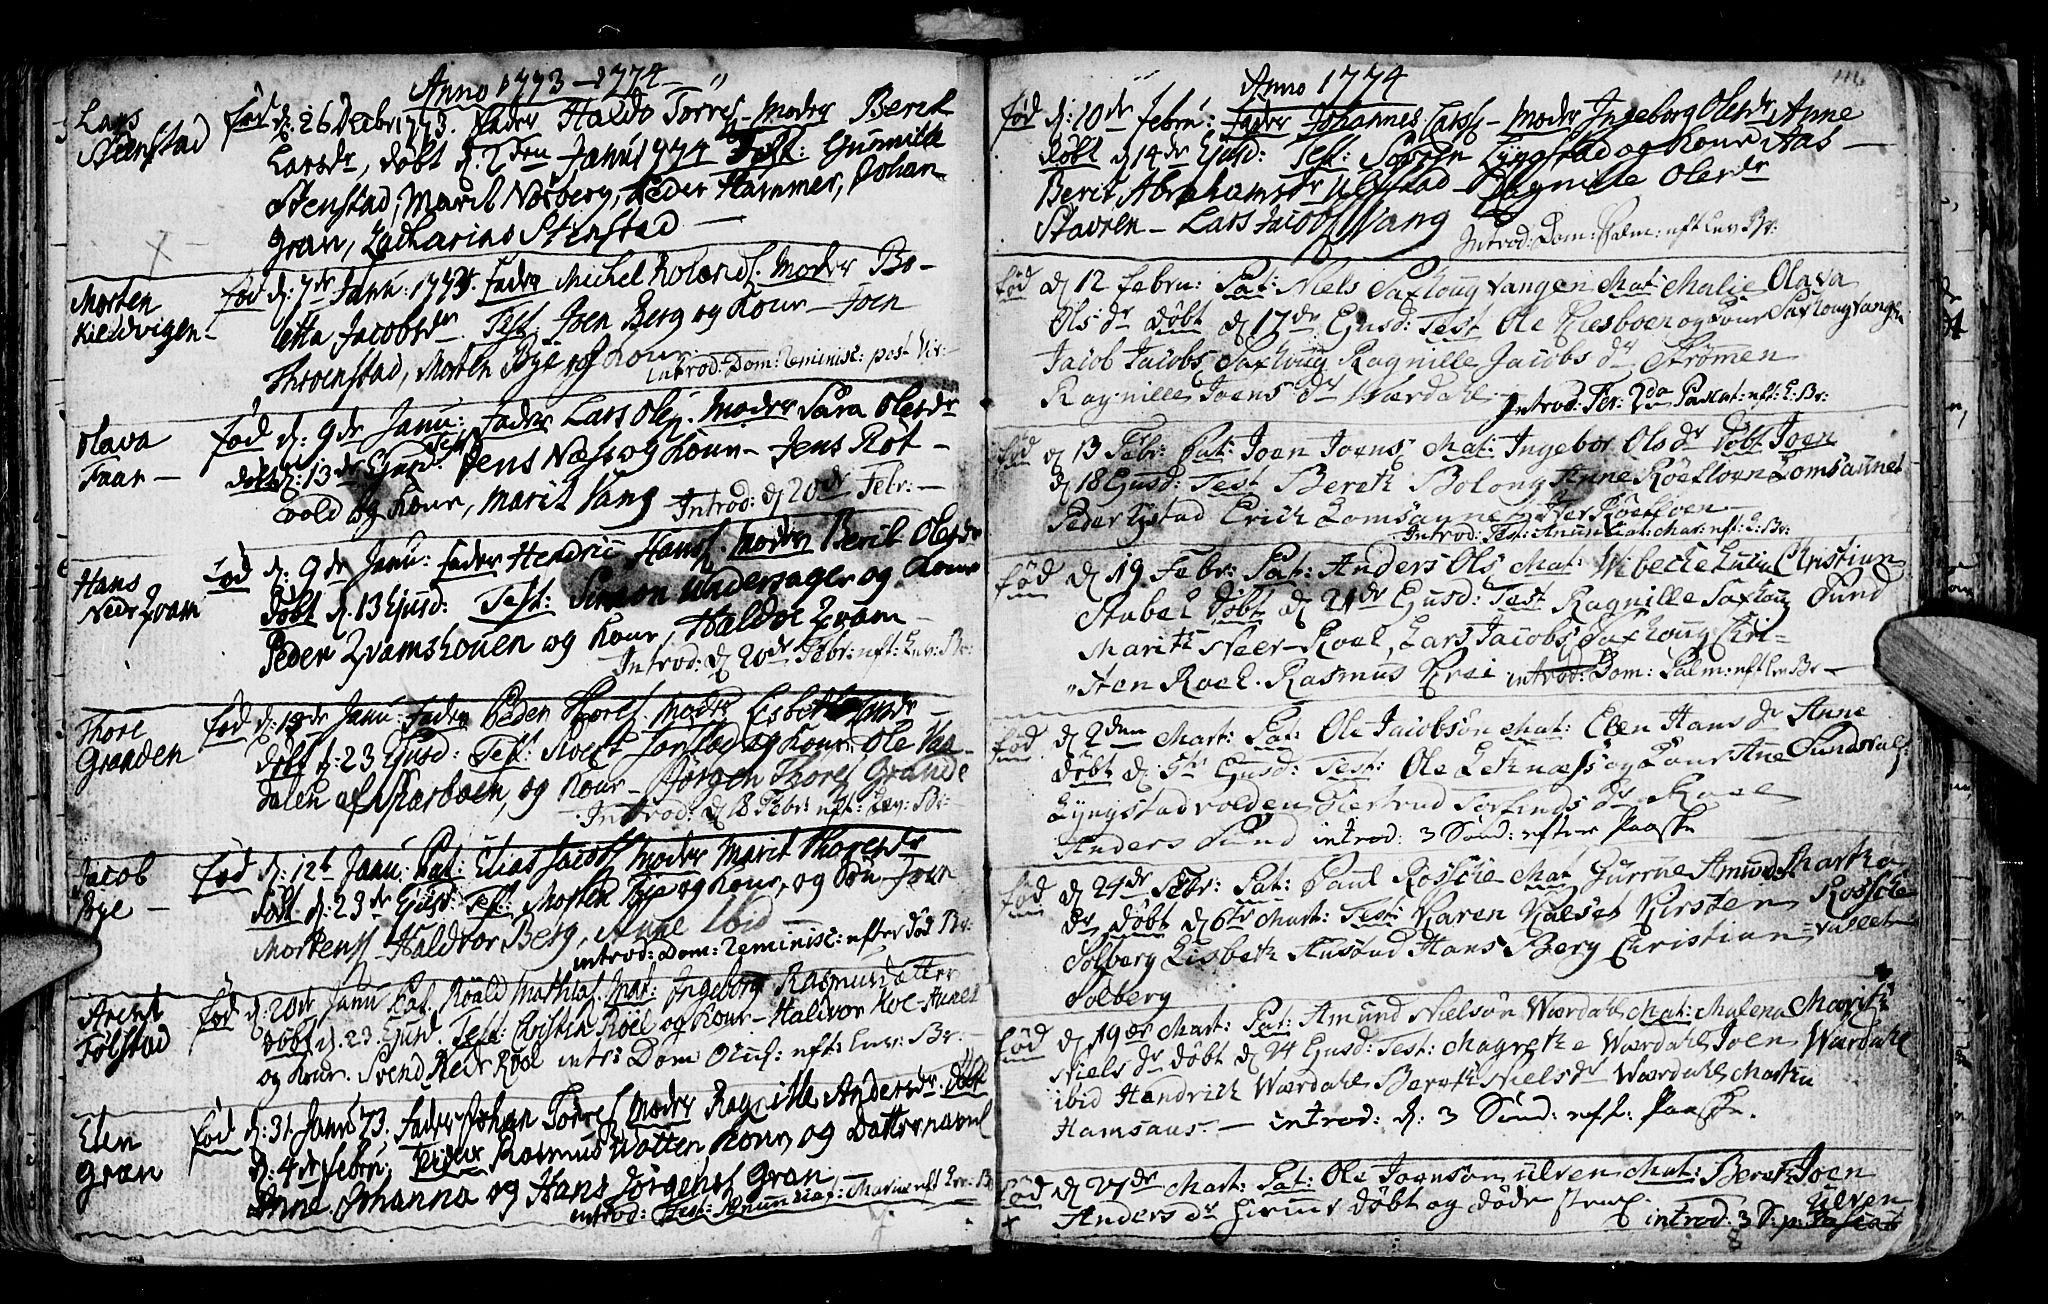 SAT, Ministerialprotokoller, klokkerbøker og fødselsregistre - Nord-Trøndelag, 730/L0273: Ministerialbok nr. 730A02, 1762-1802, s. 116